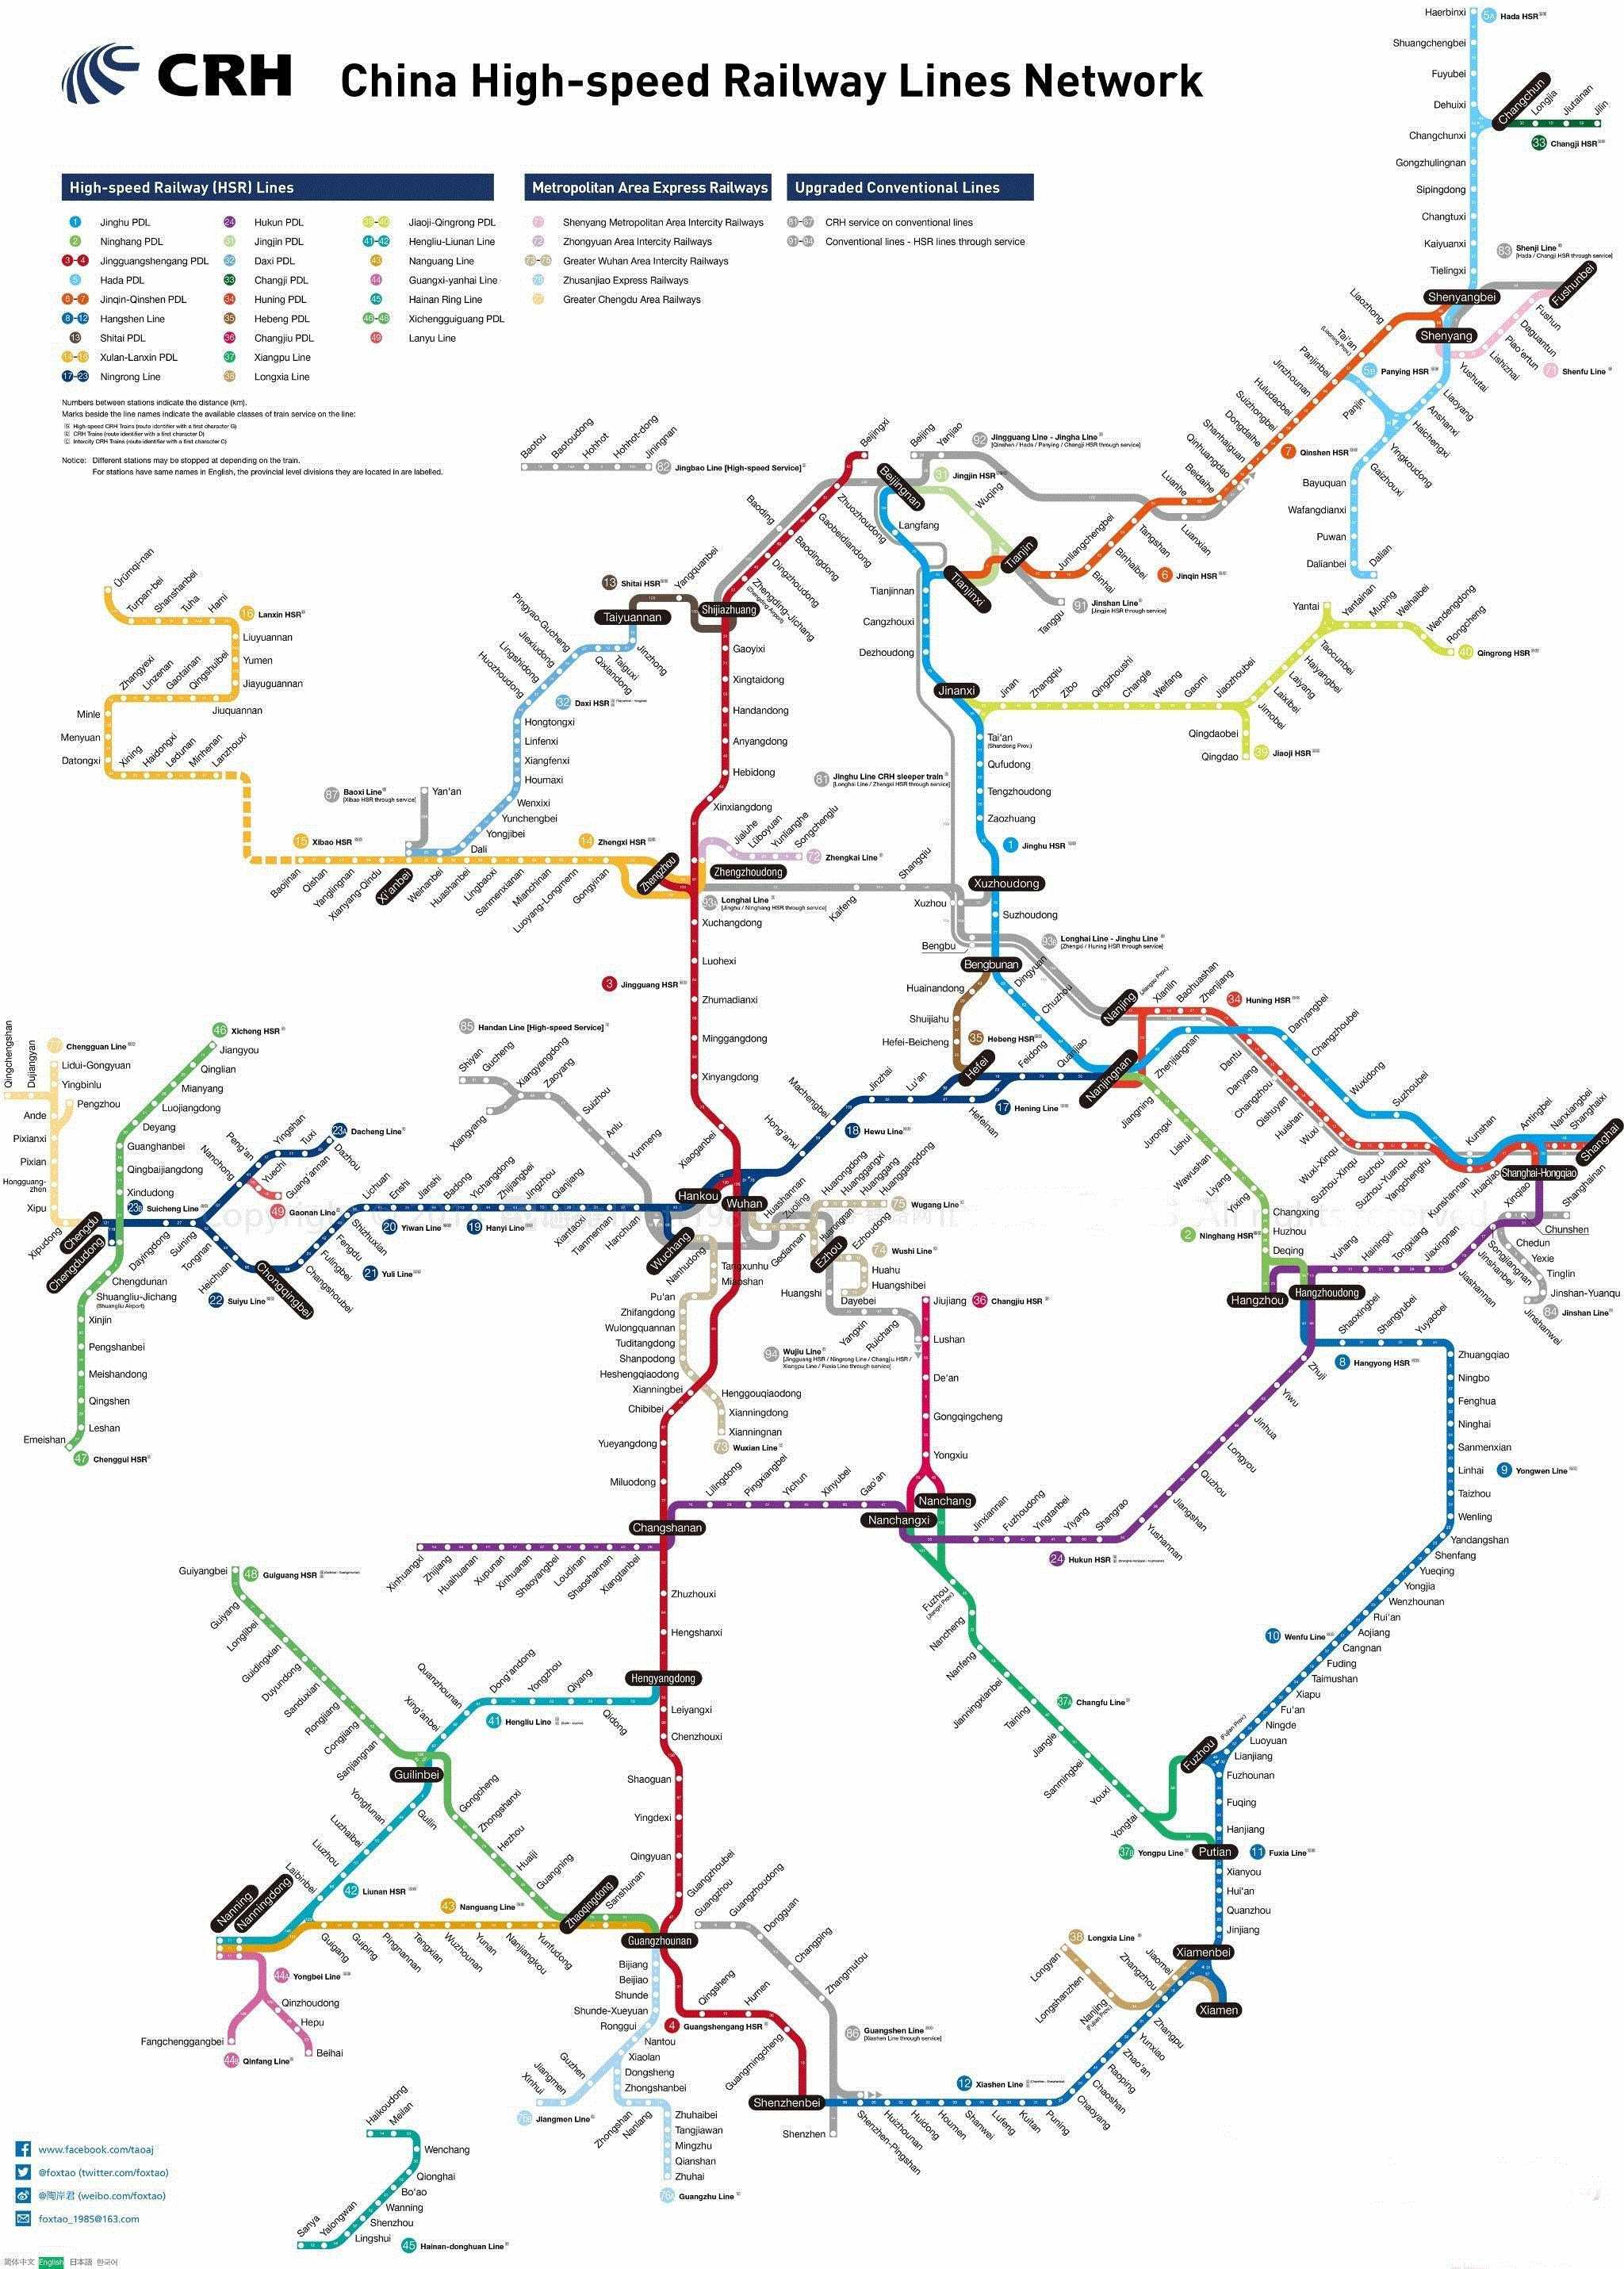 高铁线路图送上,旅行的脚步不要停